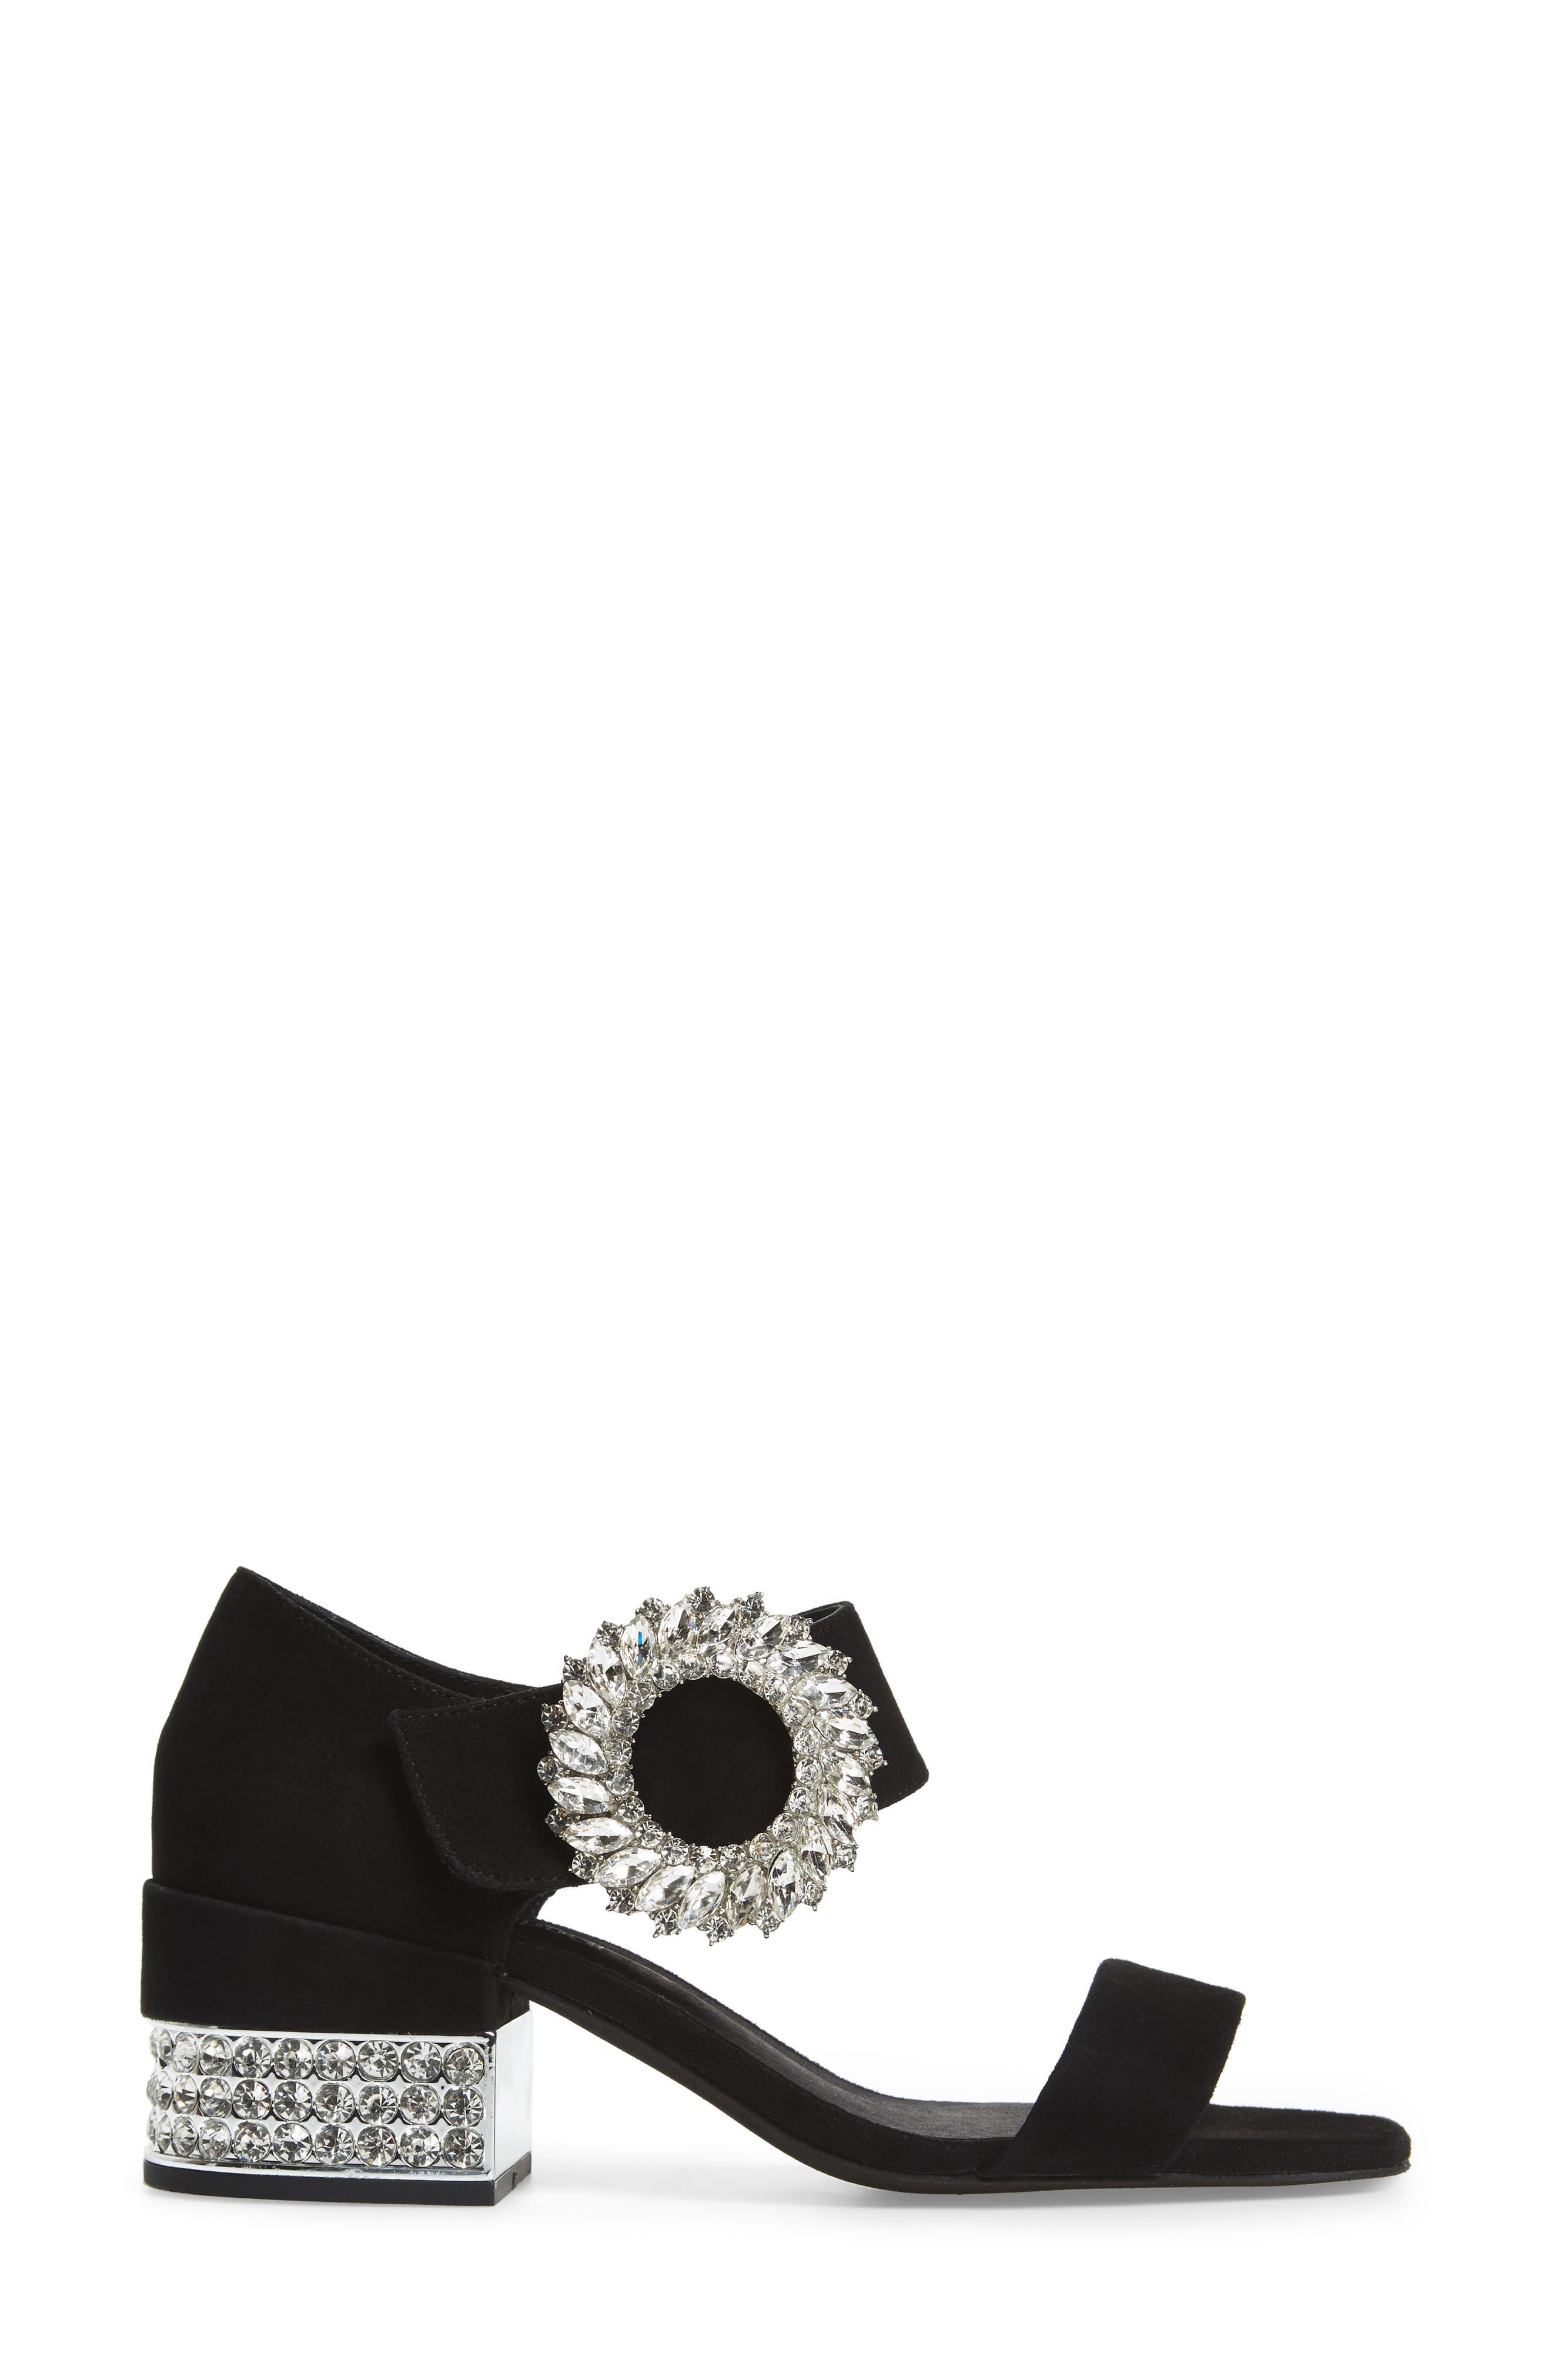 Kaylene Crystal Embellished Sandal,                             Alternate thumbnail 3, color,                             Black/ Silver Suede